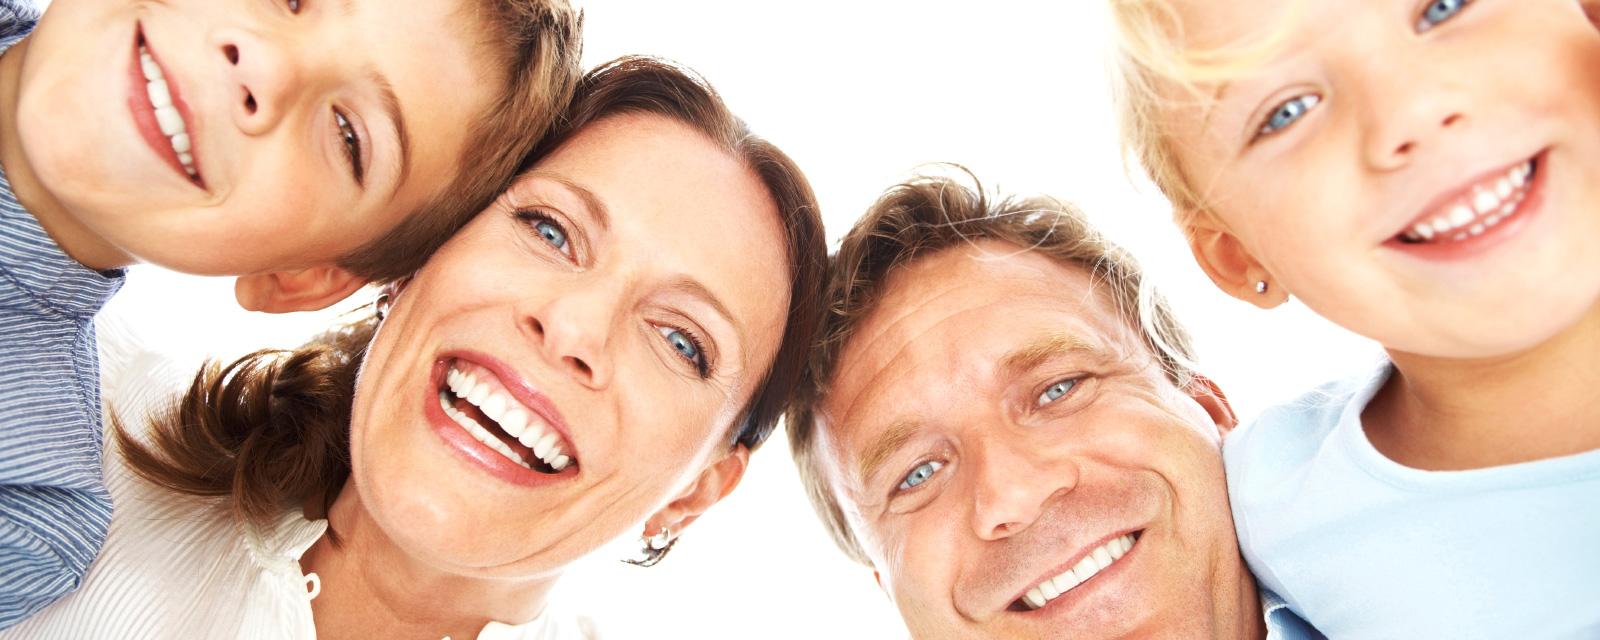 Dental Family Photo